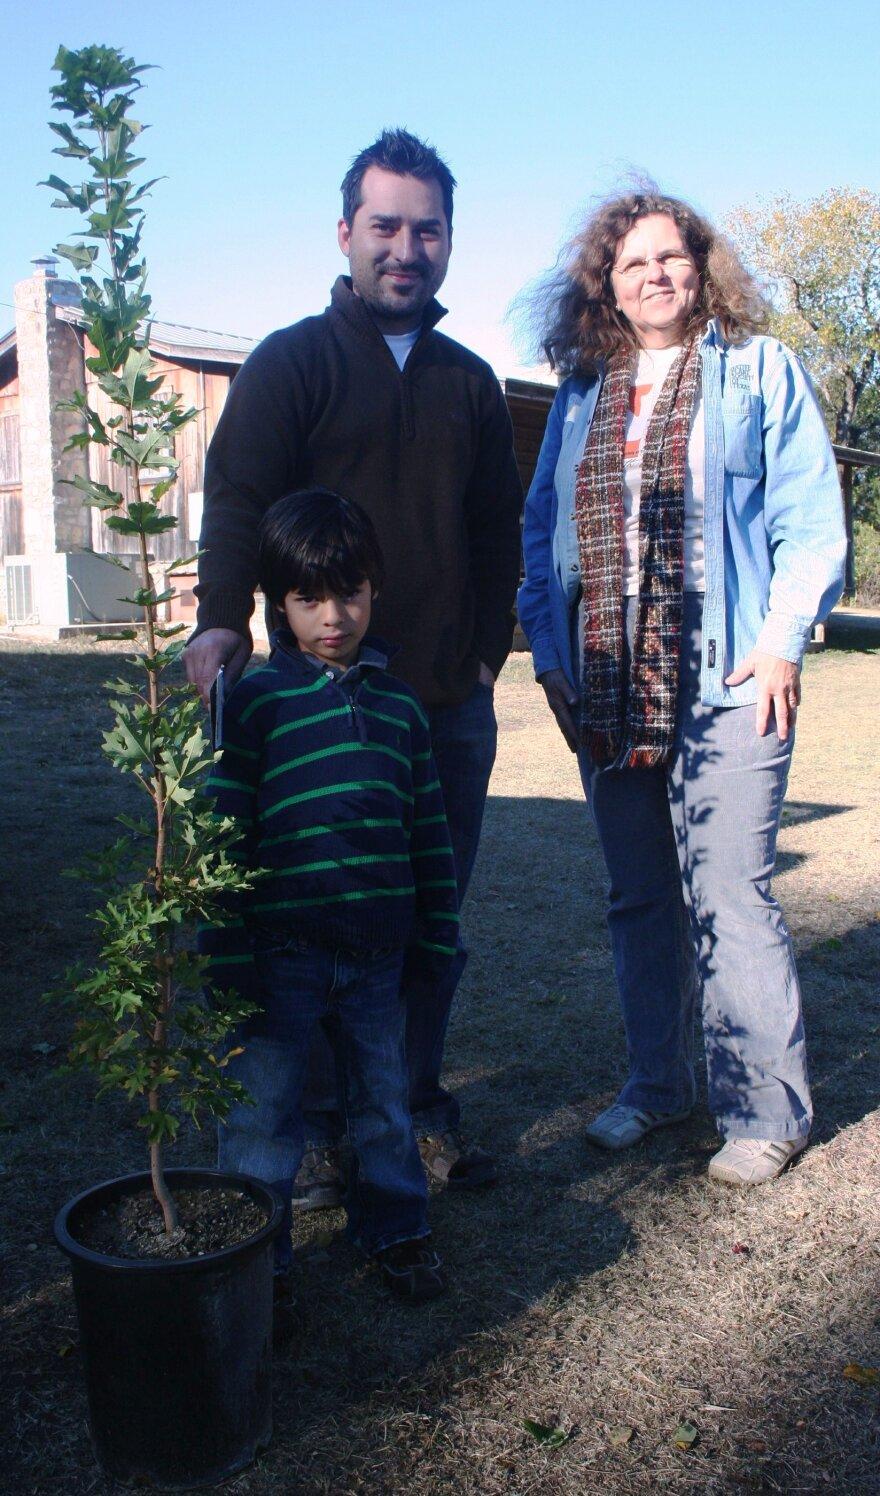 suzanne___tree_recipients_0.jpg